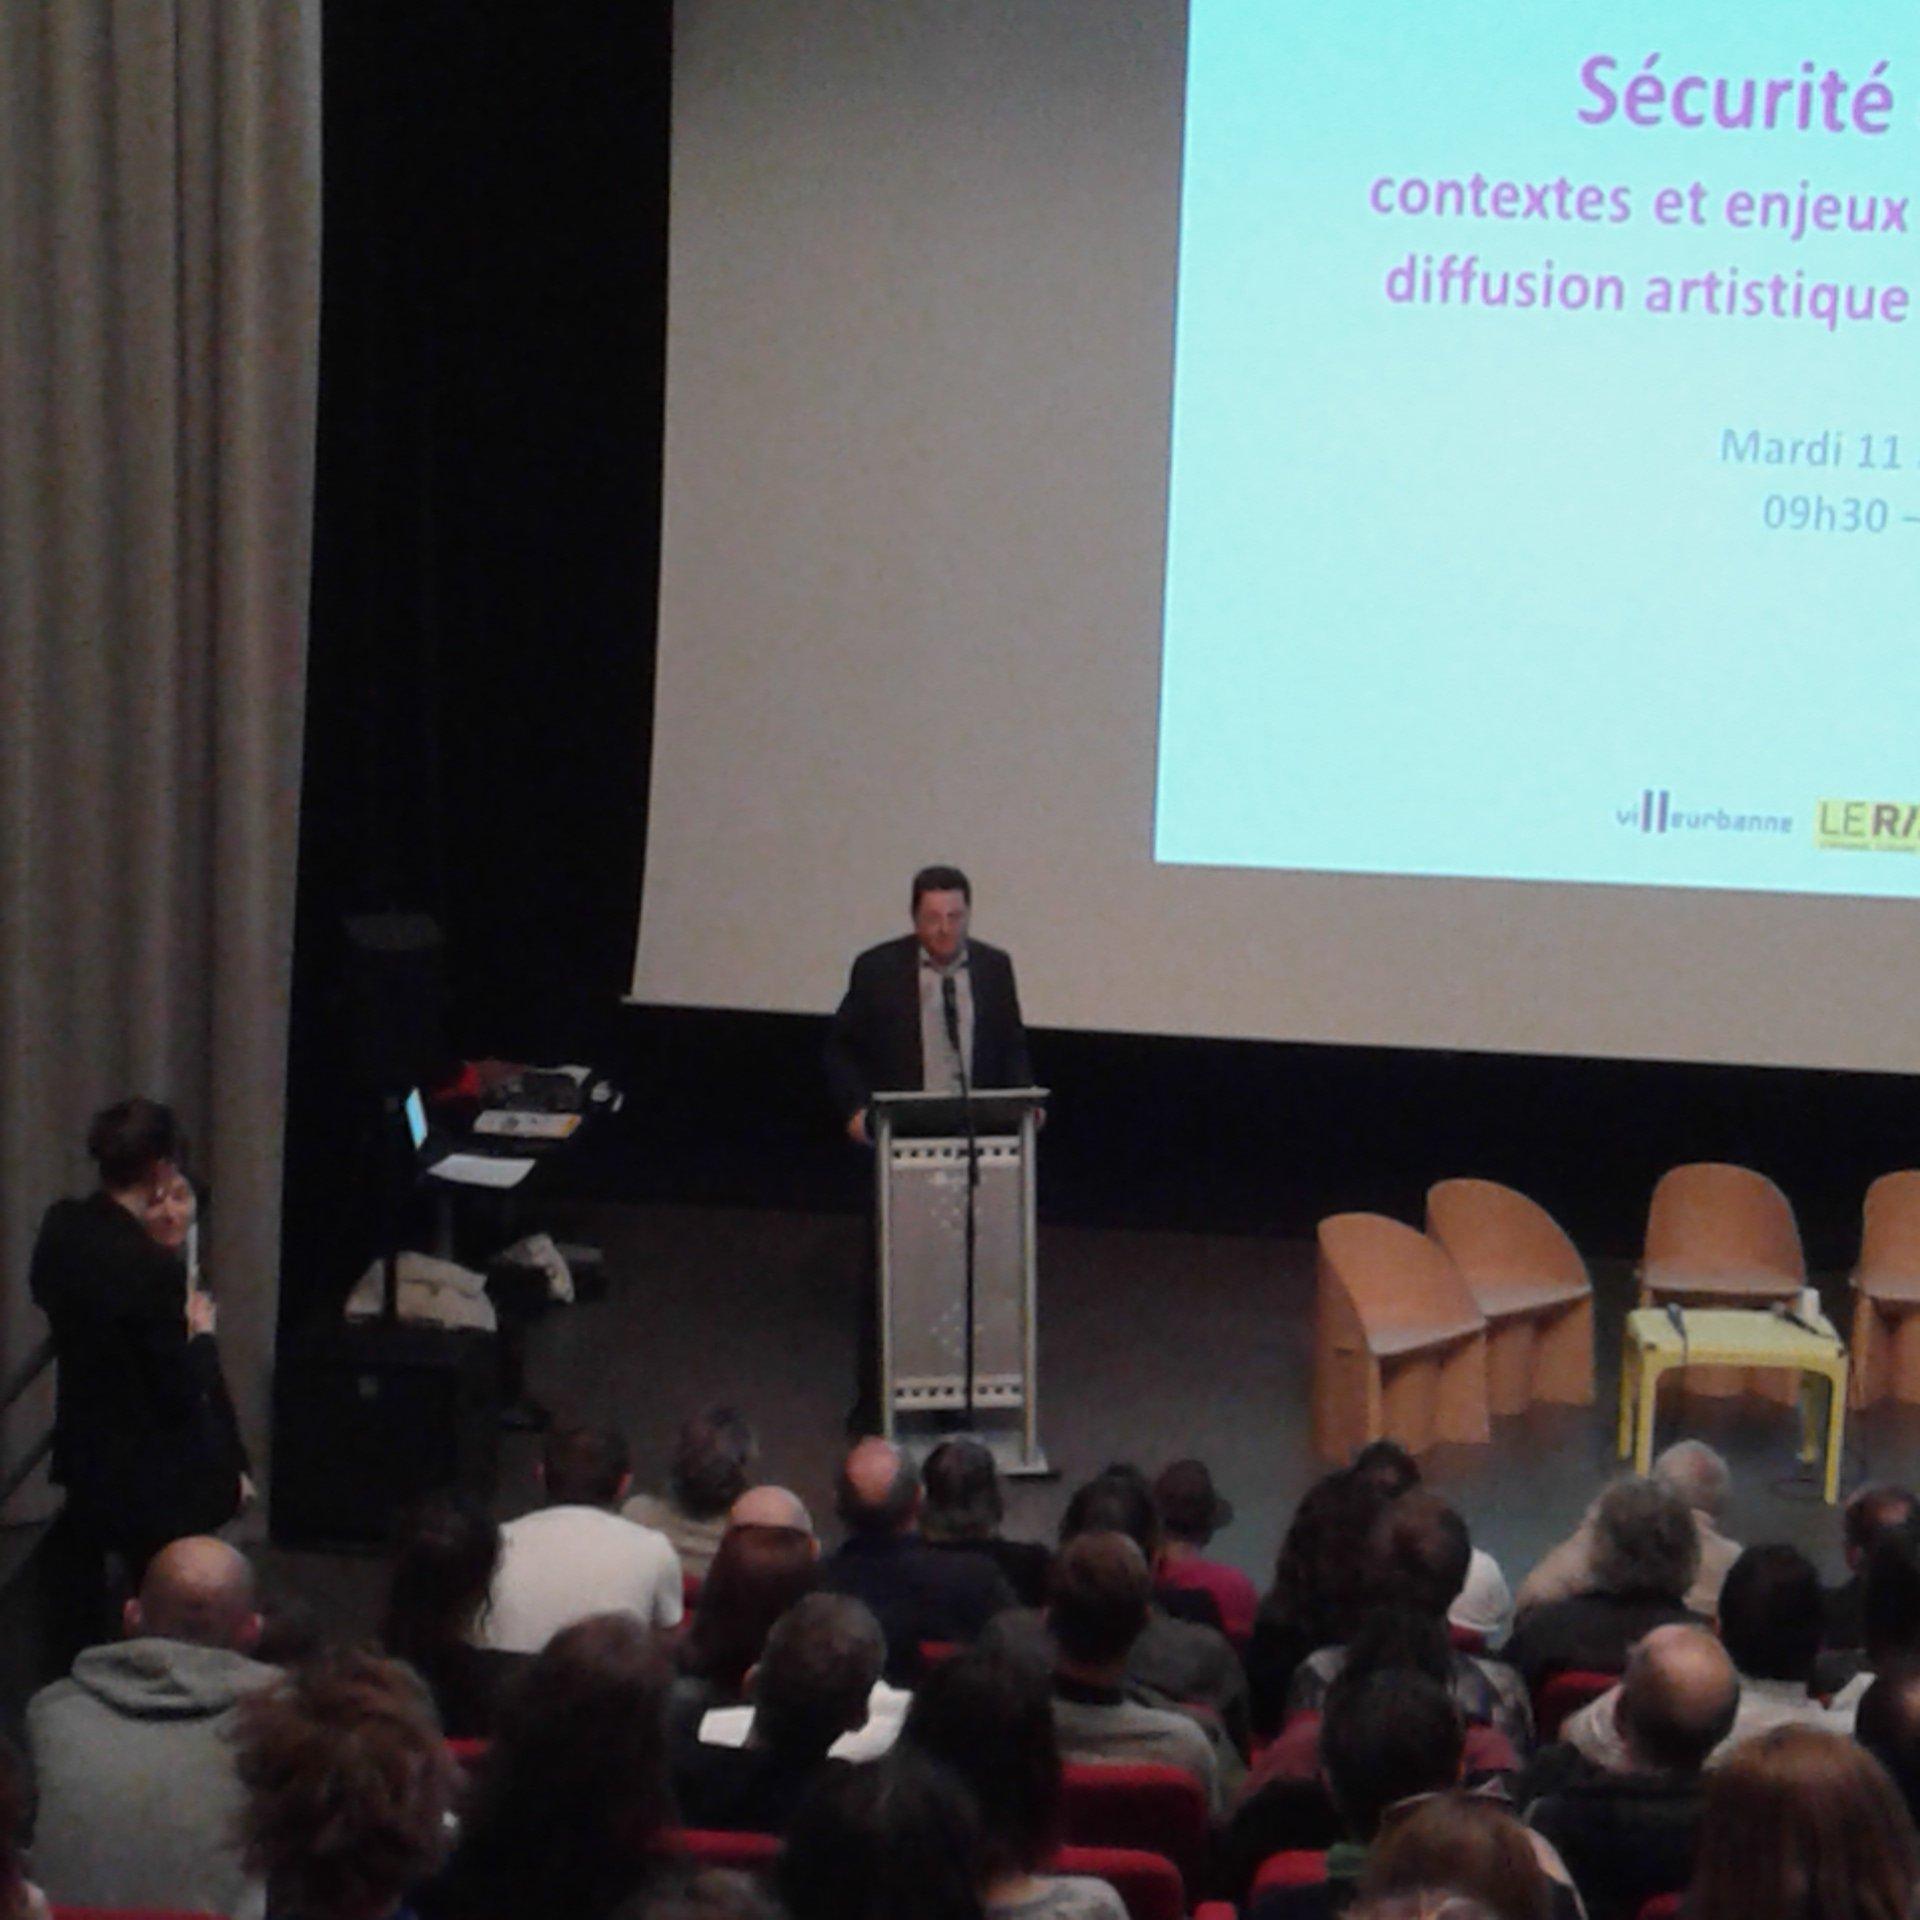 Mots d'ouverture de @JeanPaulBret , Maire de #villeurbanne . #sureteespacepublic https://t.co/NL8WFgxbD4